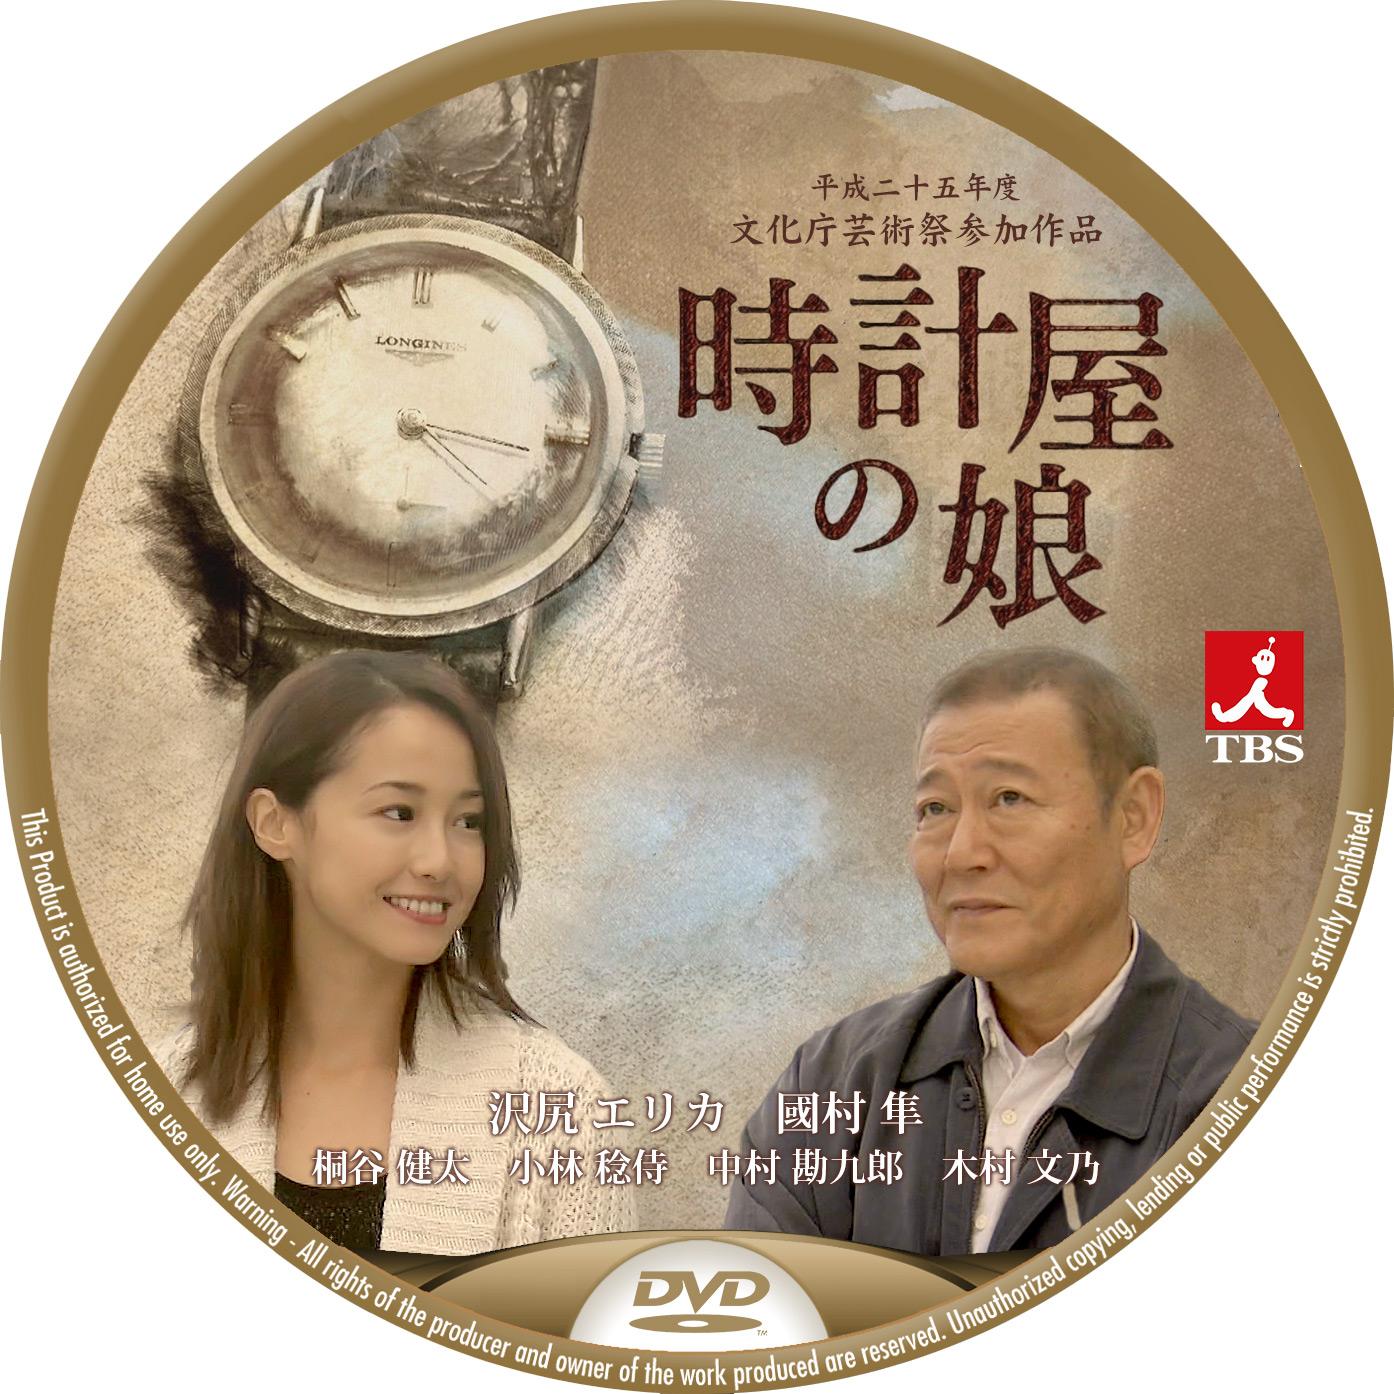 時計屋の娘 DVDラベル